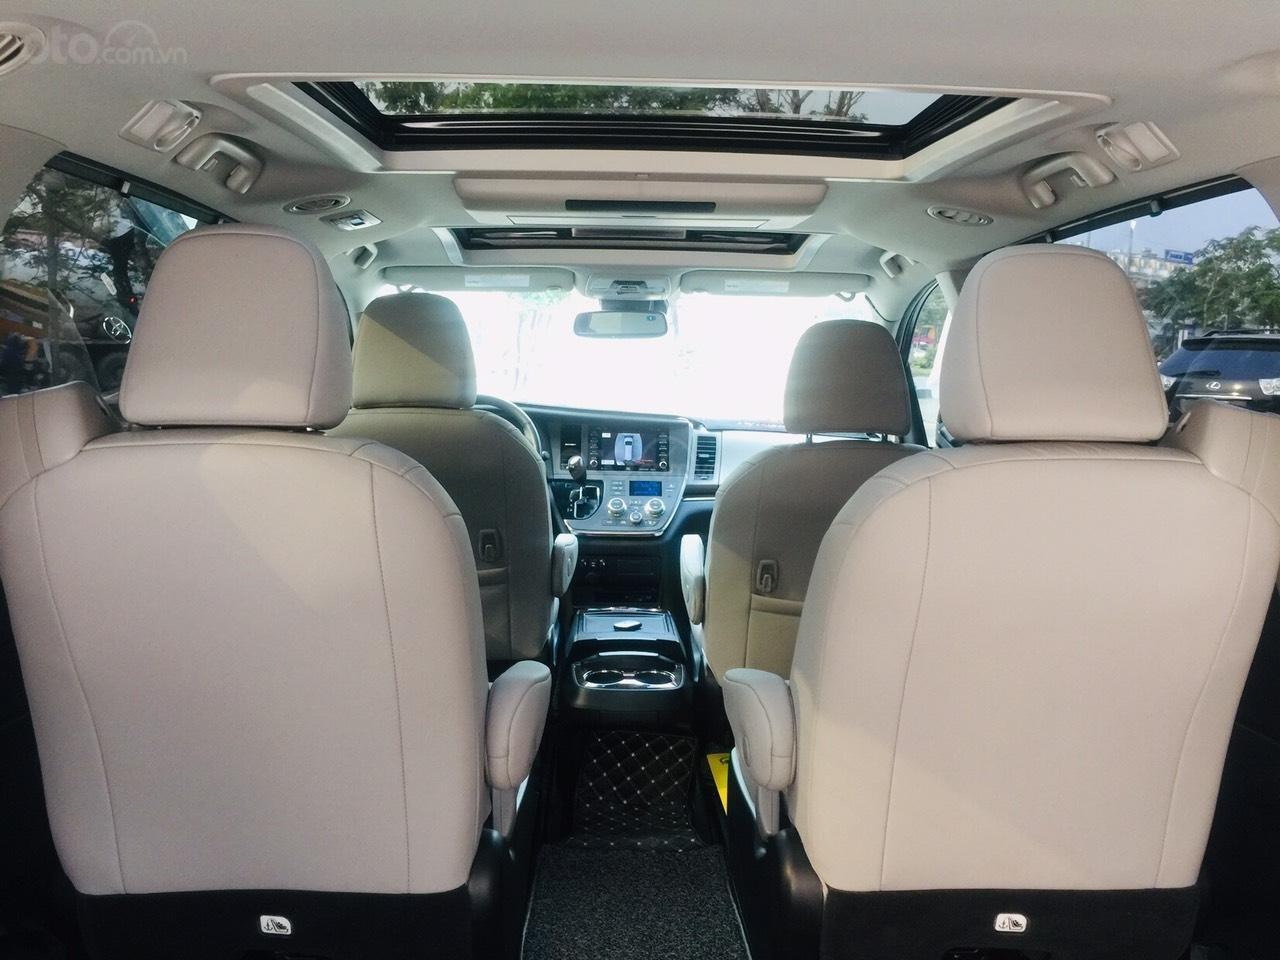 Bán Toyota Sienna Limited 2020 1 cầu, LH Ms Ngọc Vy giá tốt, giao ngay toàn quốc (18)